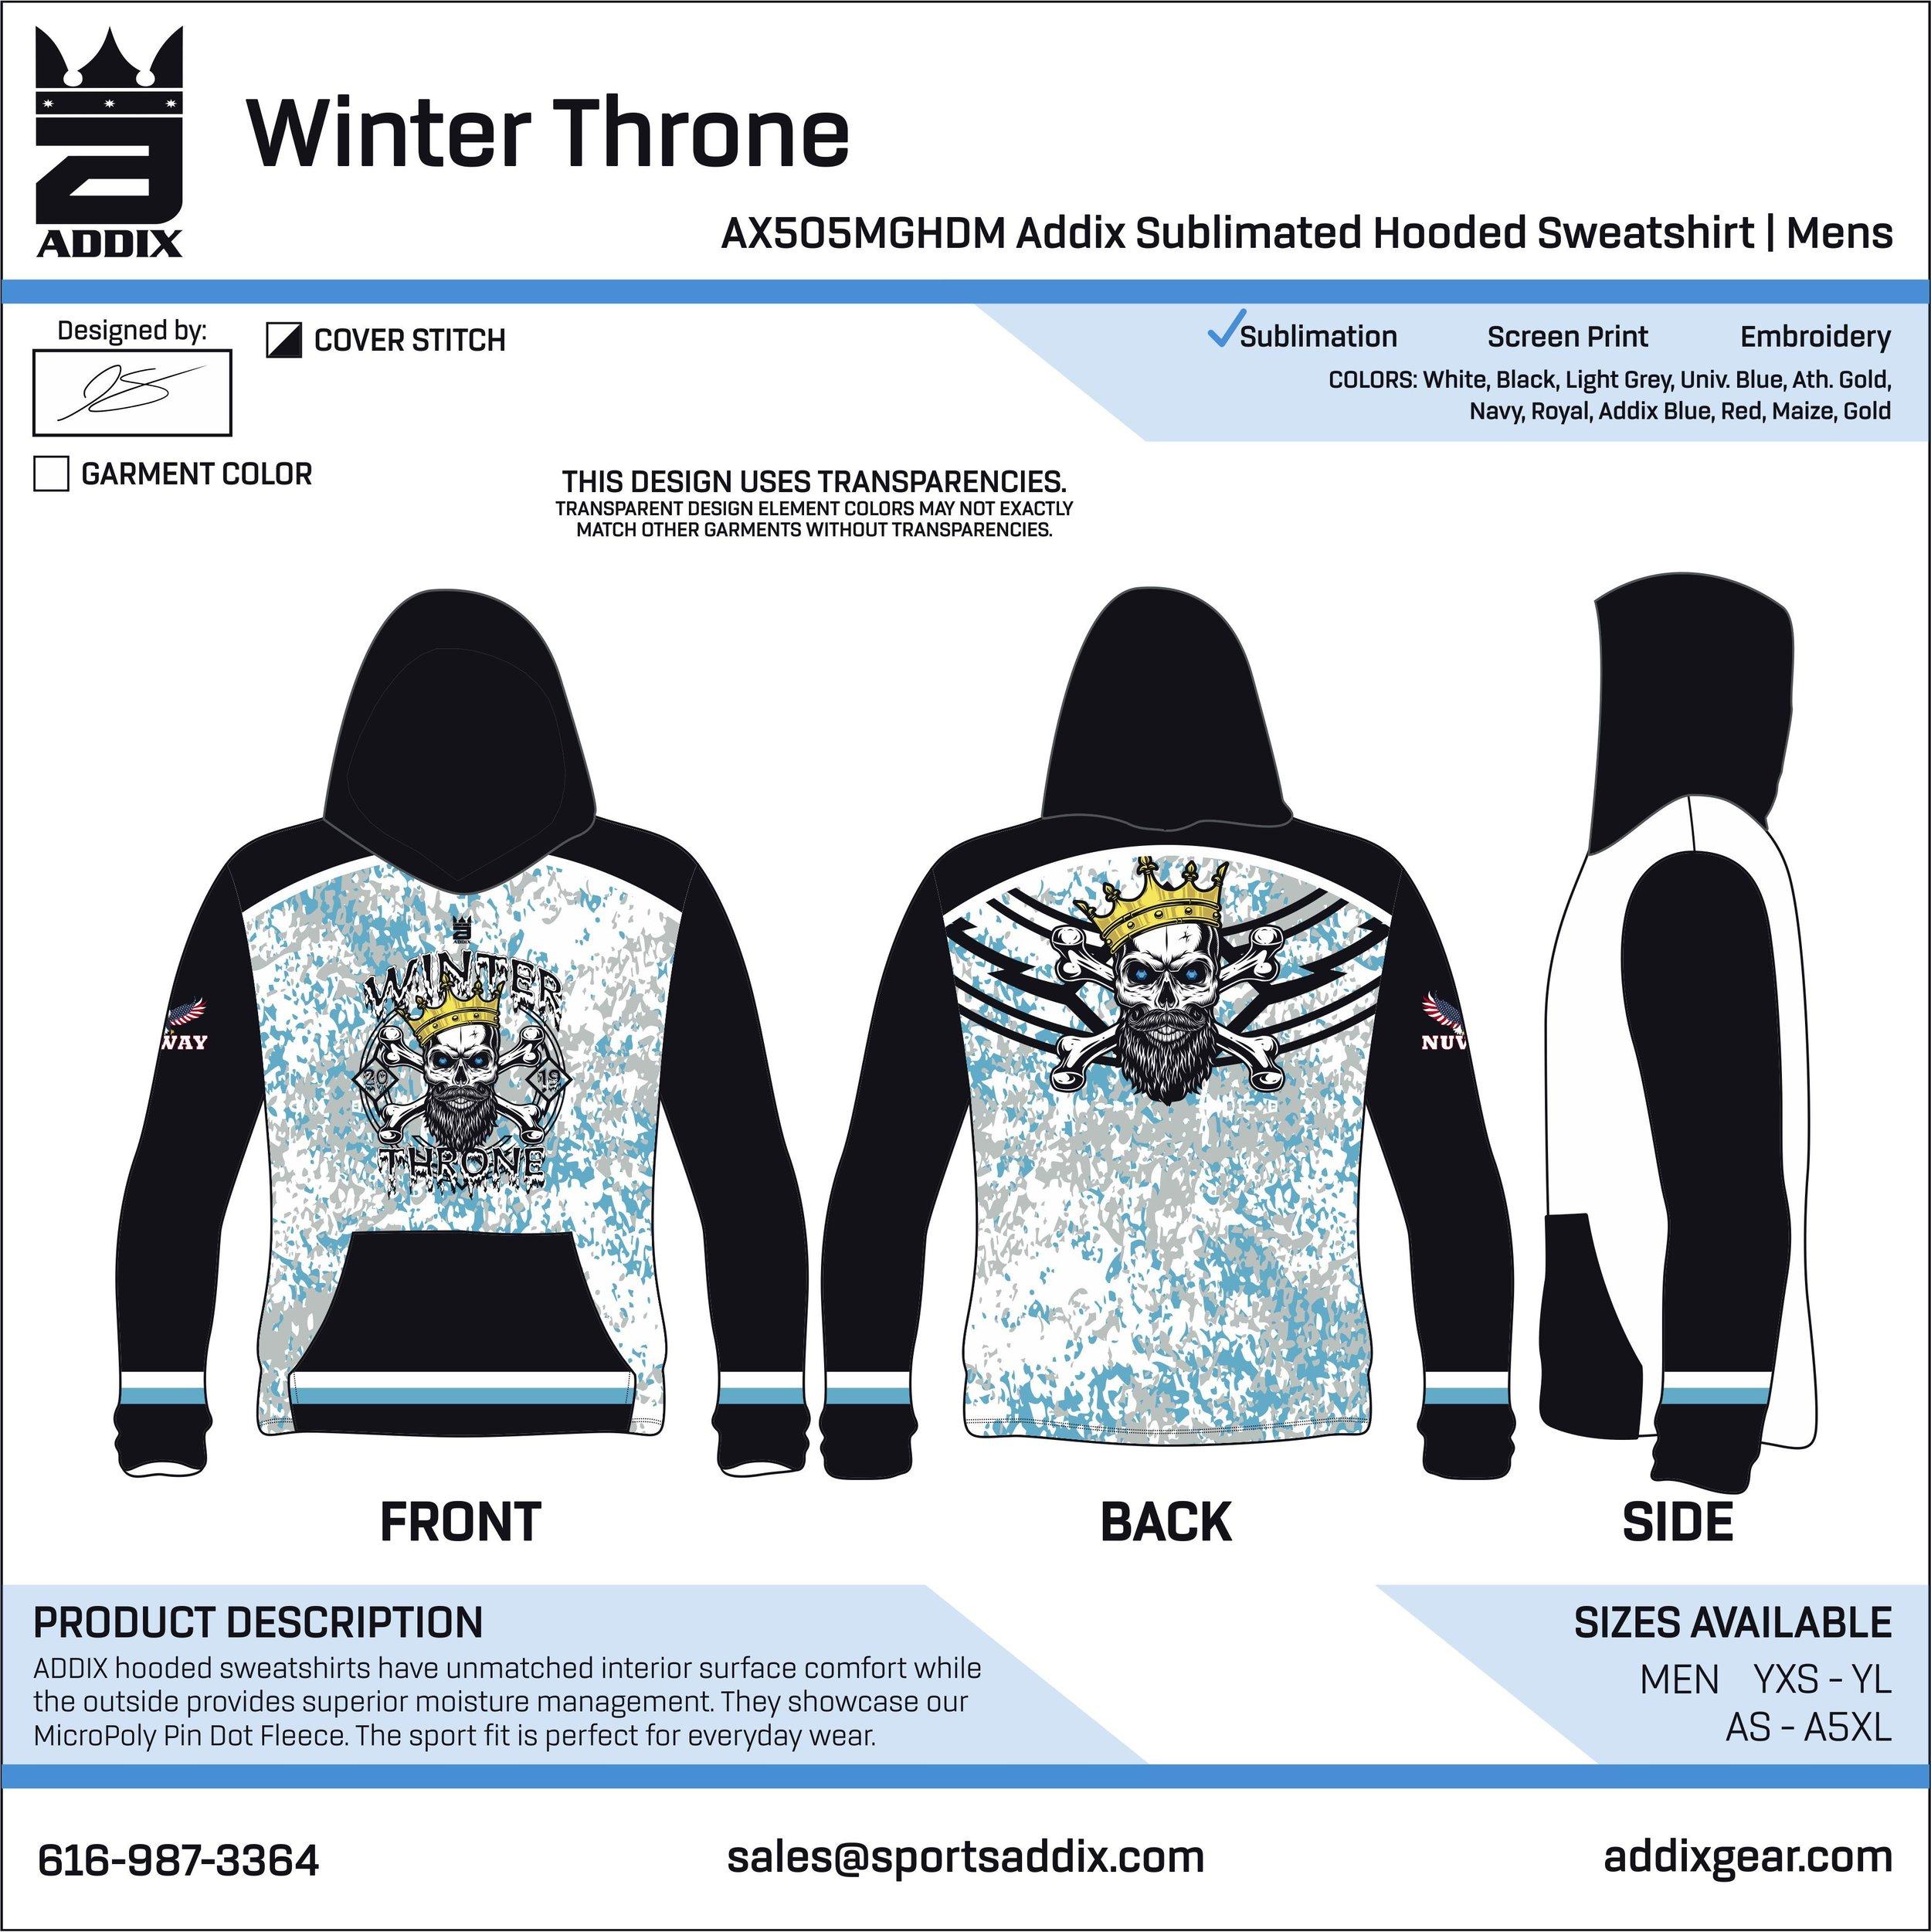 Winter Throne V2_2018_12-28_JE_Full Sub Hoodie.jpg